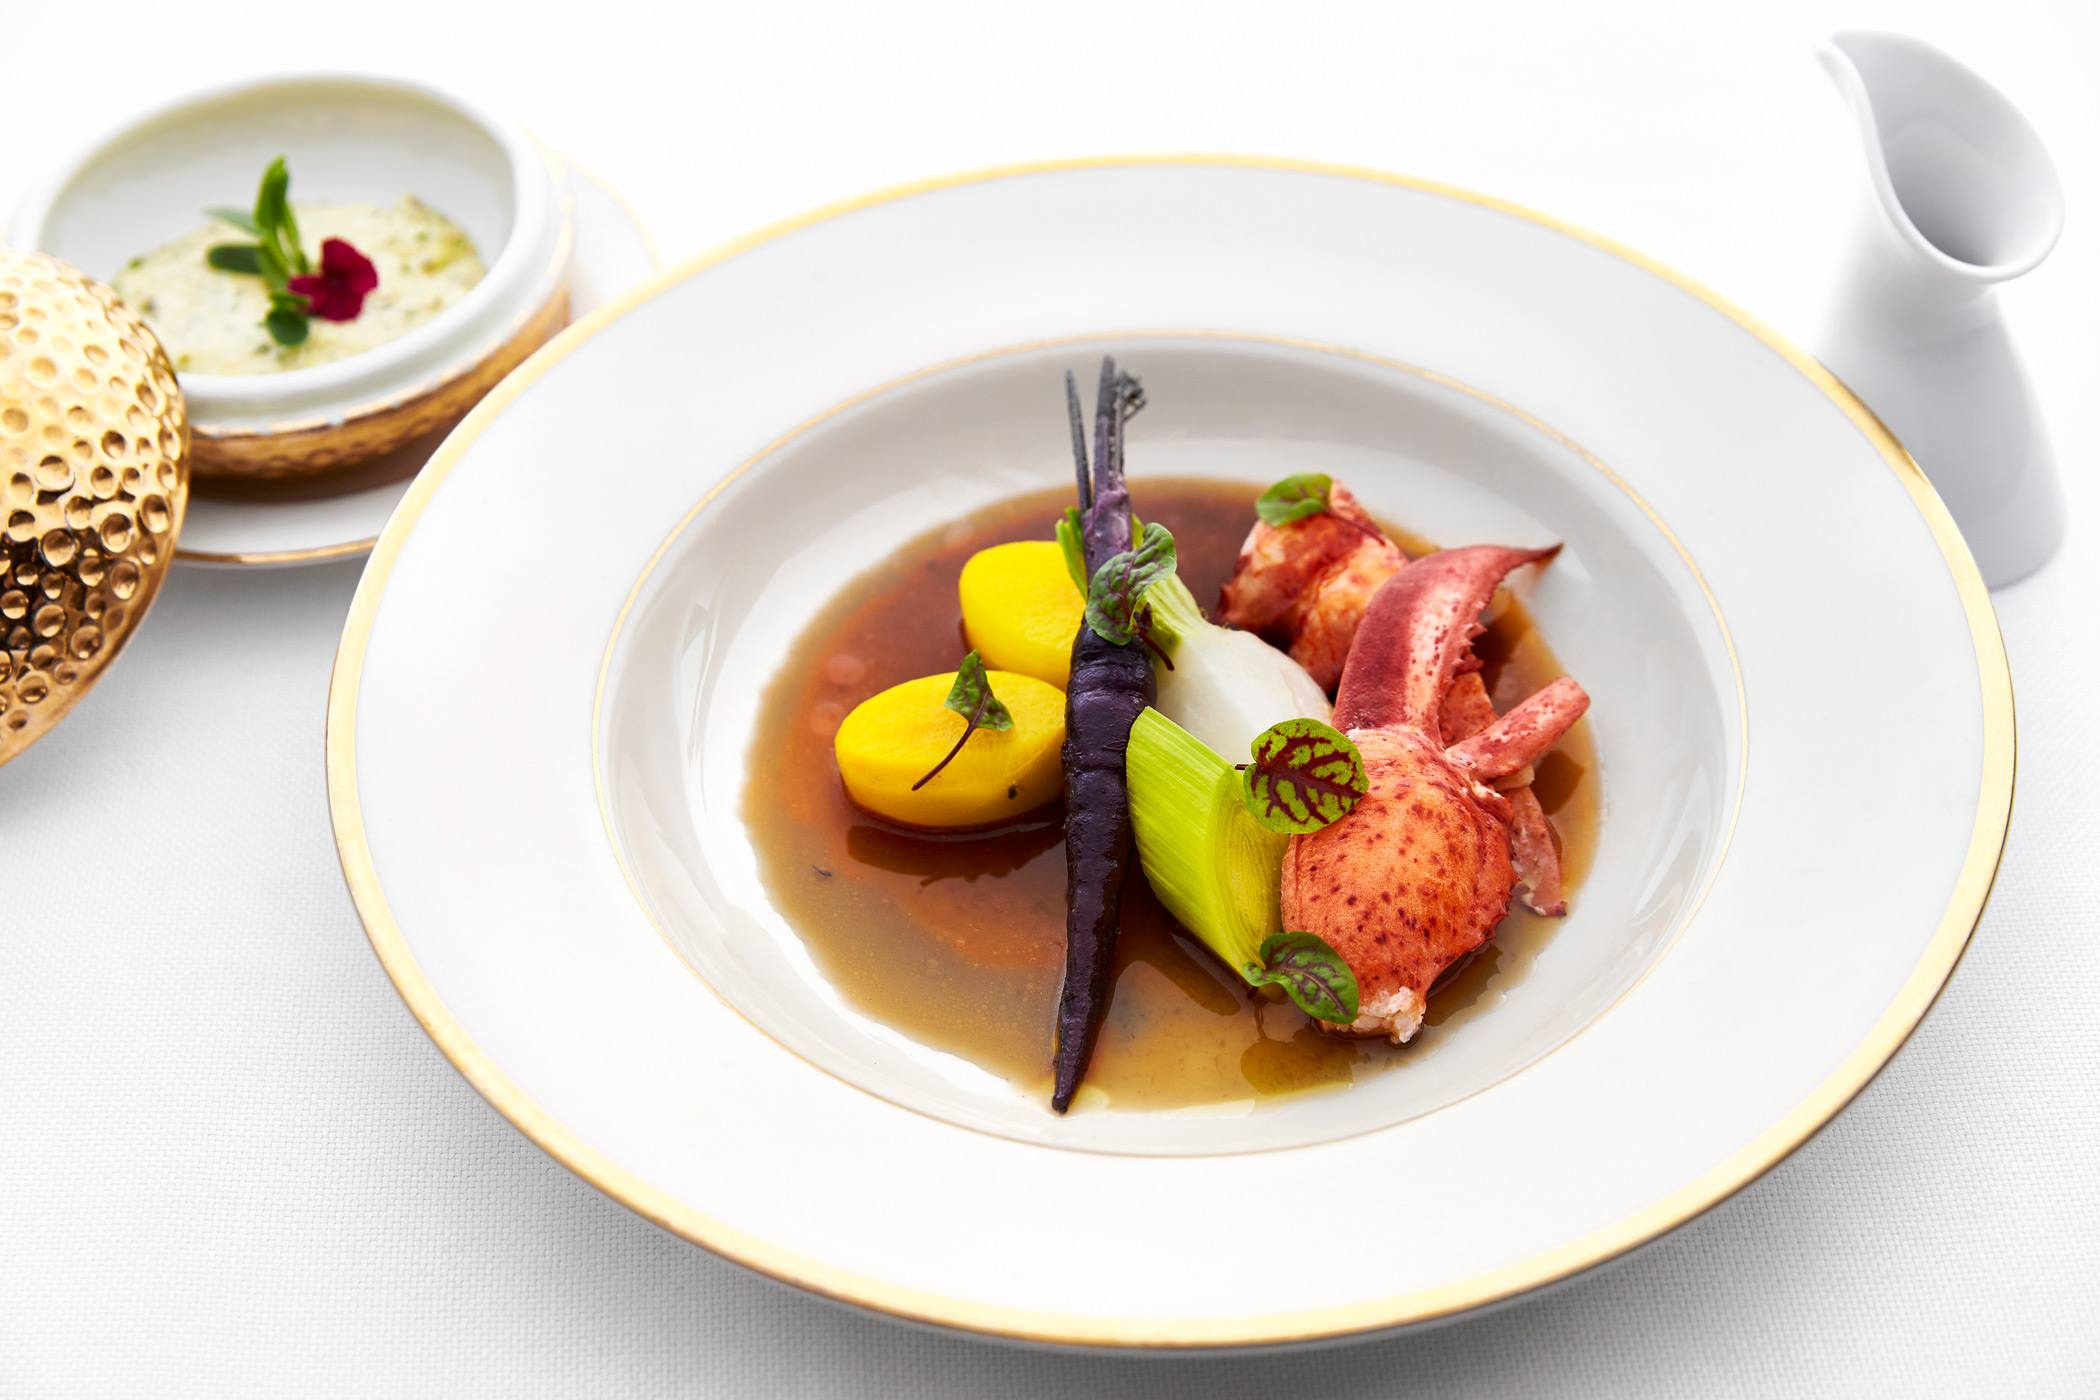 st-regis-dc-restaurant-alhambra-dining-07